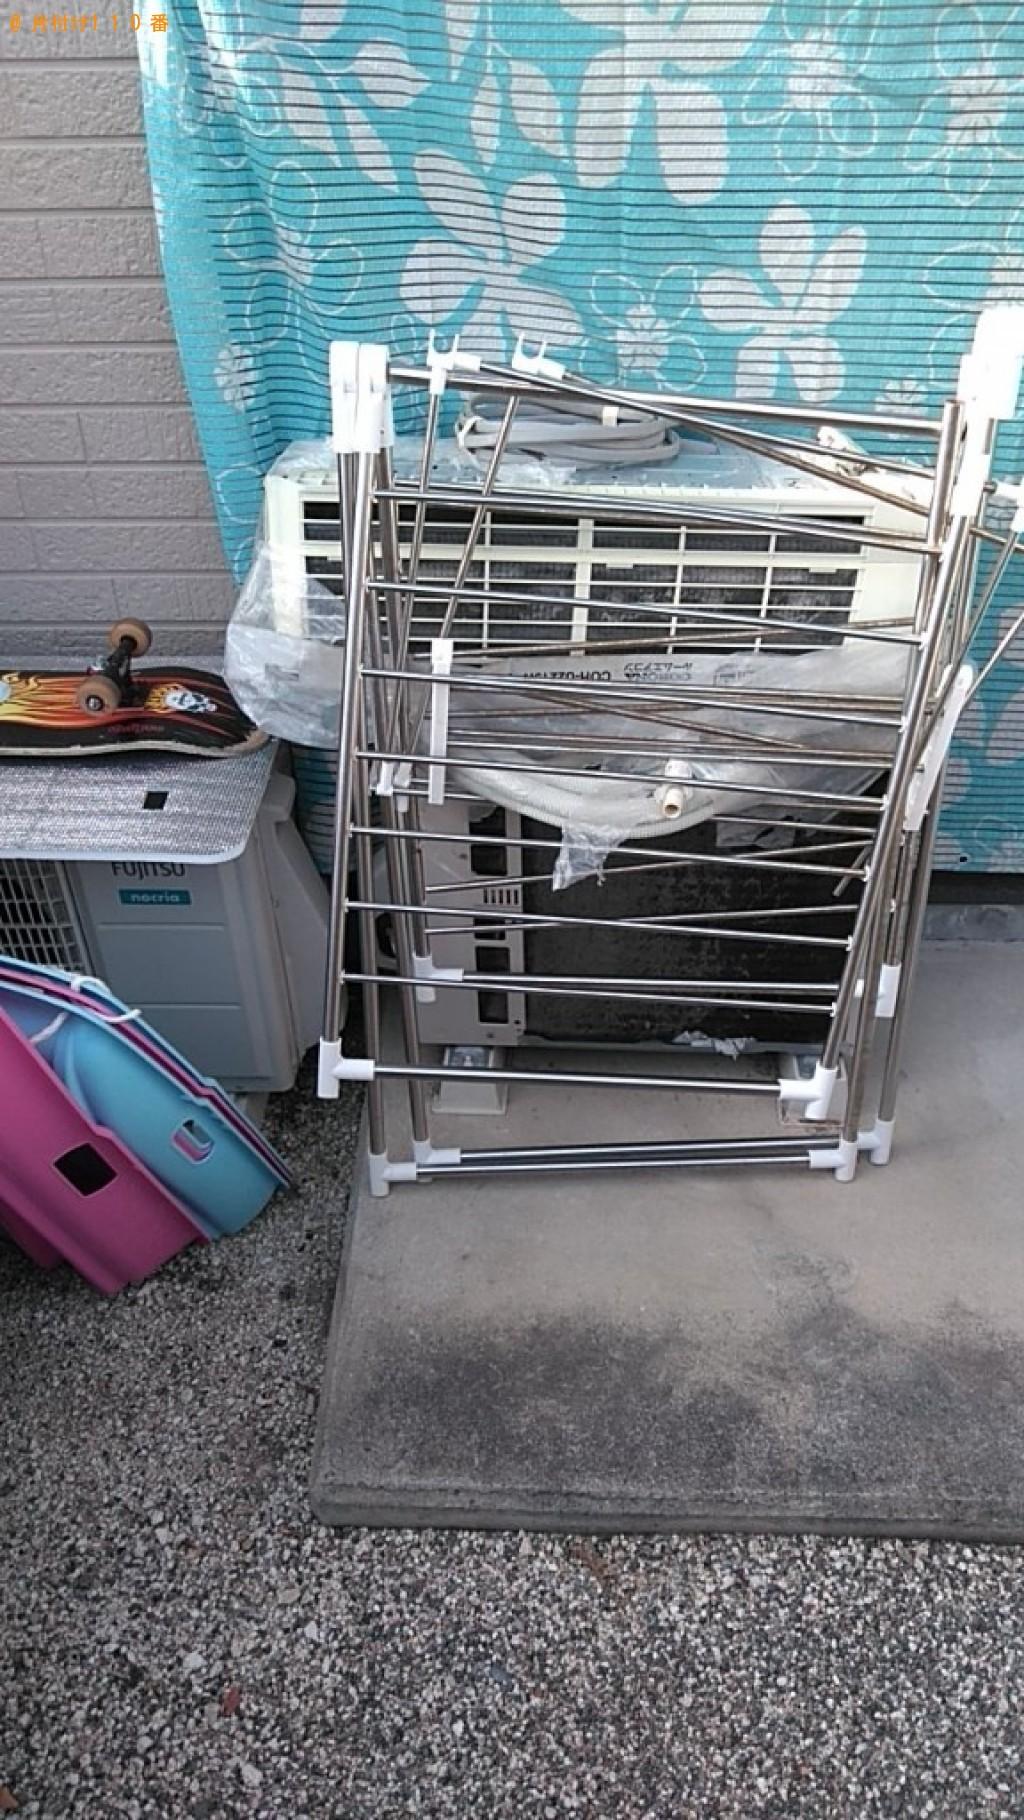 【松山市】エアコン、洗濯物干しラック、そり、木の板等の回収・処分